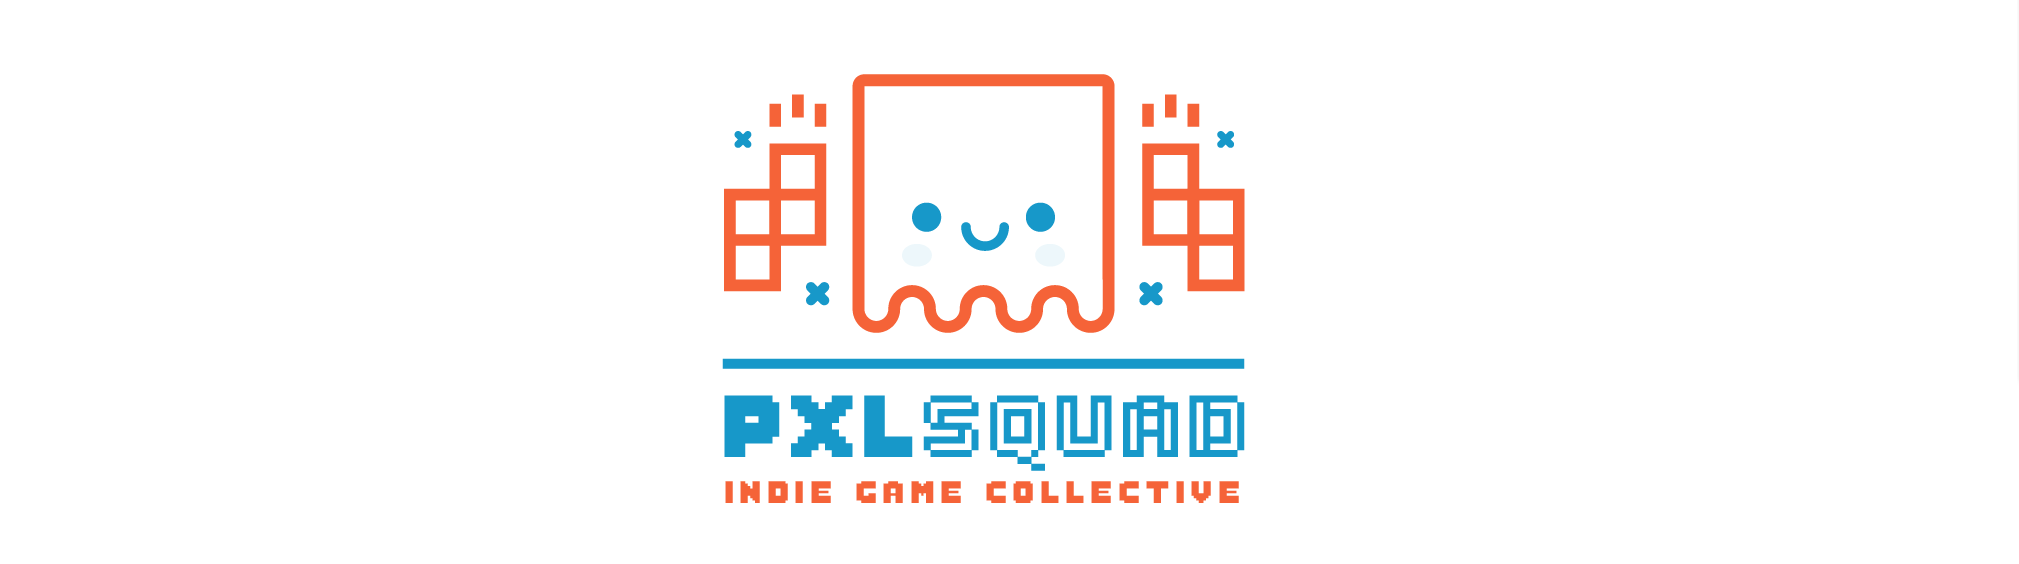 Pxl Squad